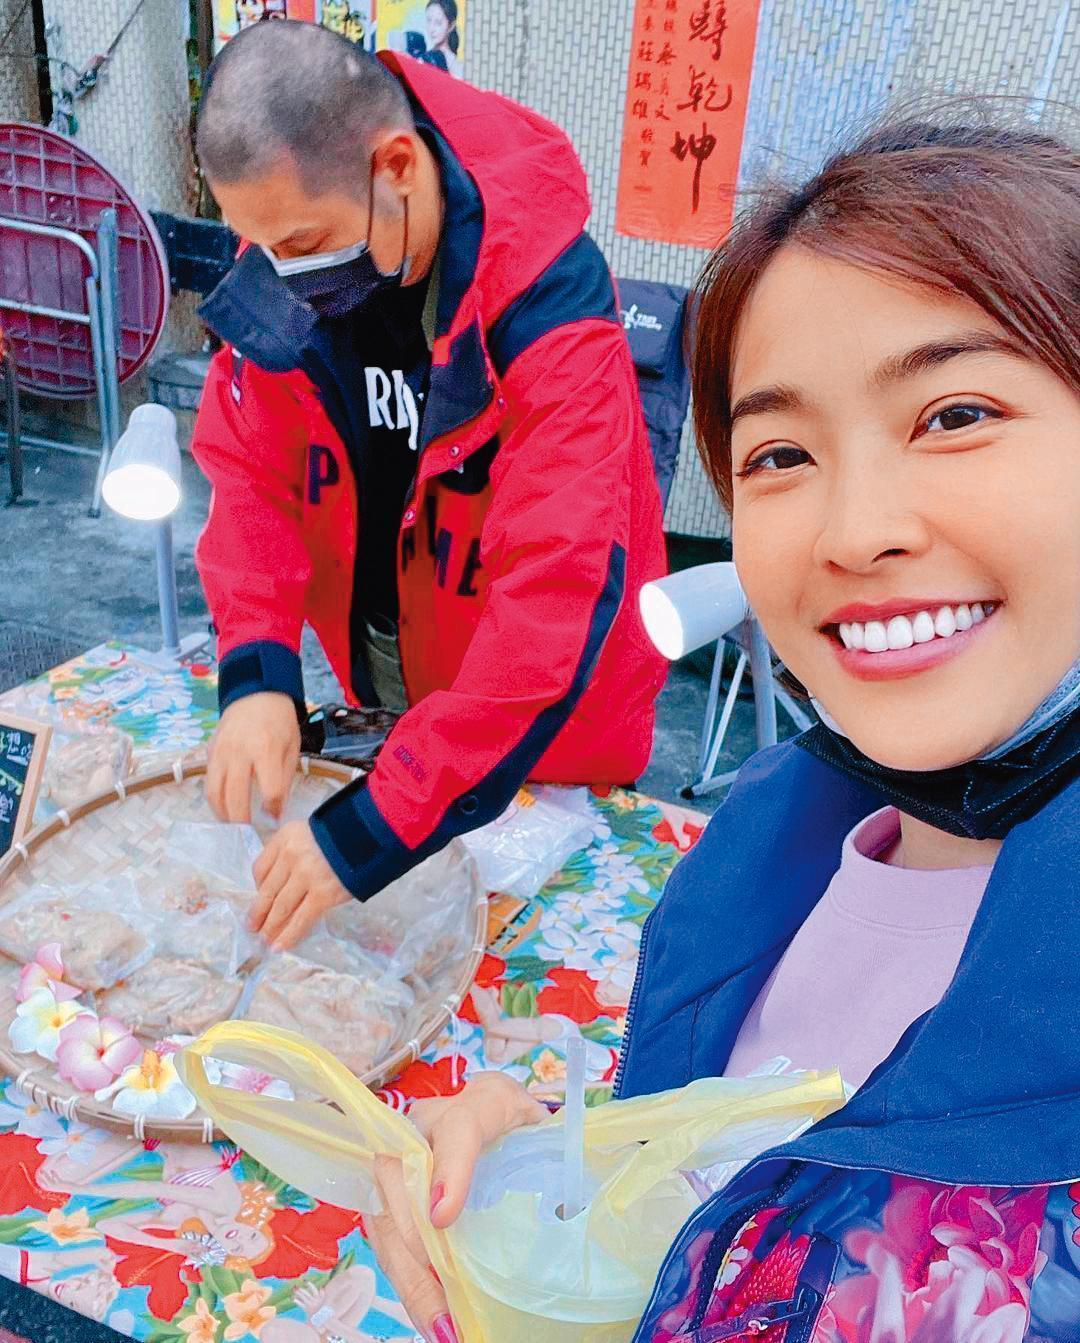 金剛(左)跟小嫻(右)大多在屏東享受生活,假日則會到夜市擺攤賣手鍊和雞翅;雞翅生意很好,大多開賣不到2小時就完售。